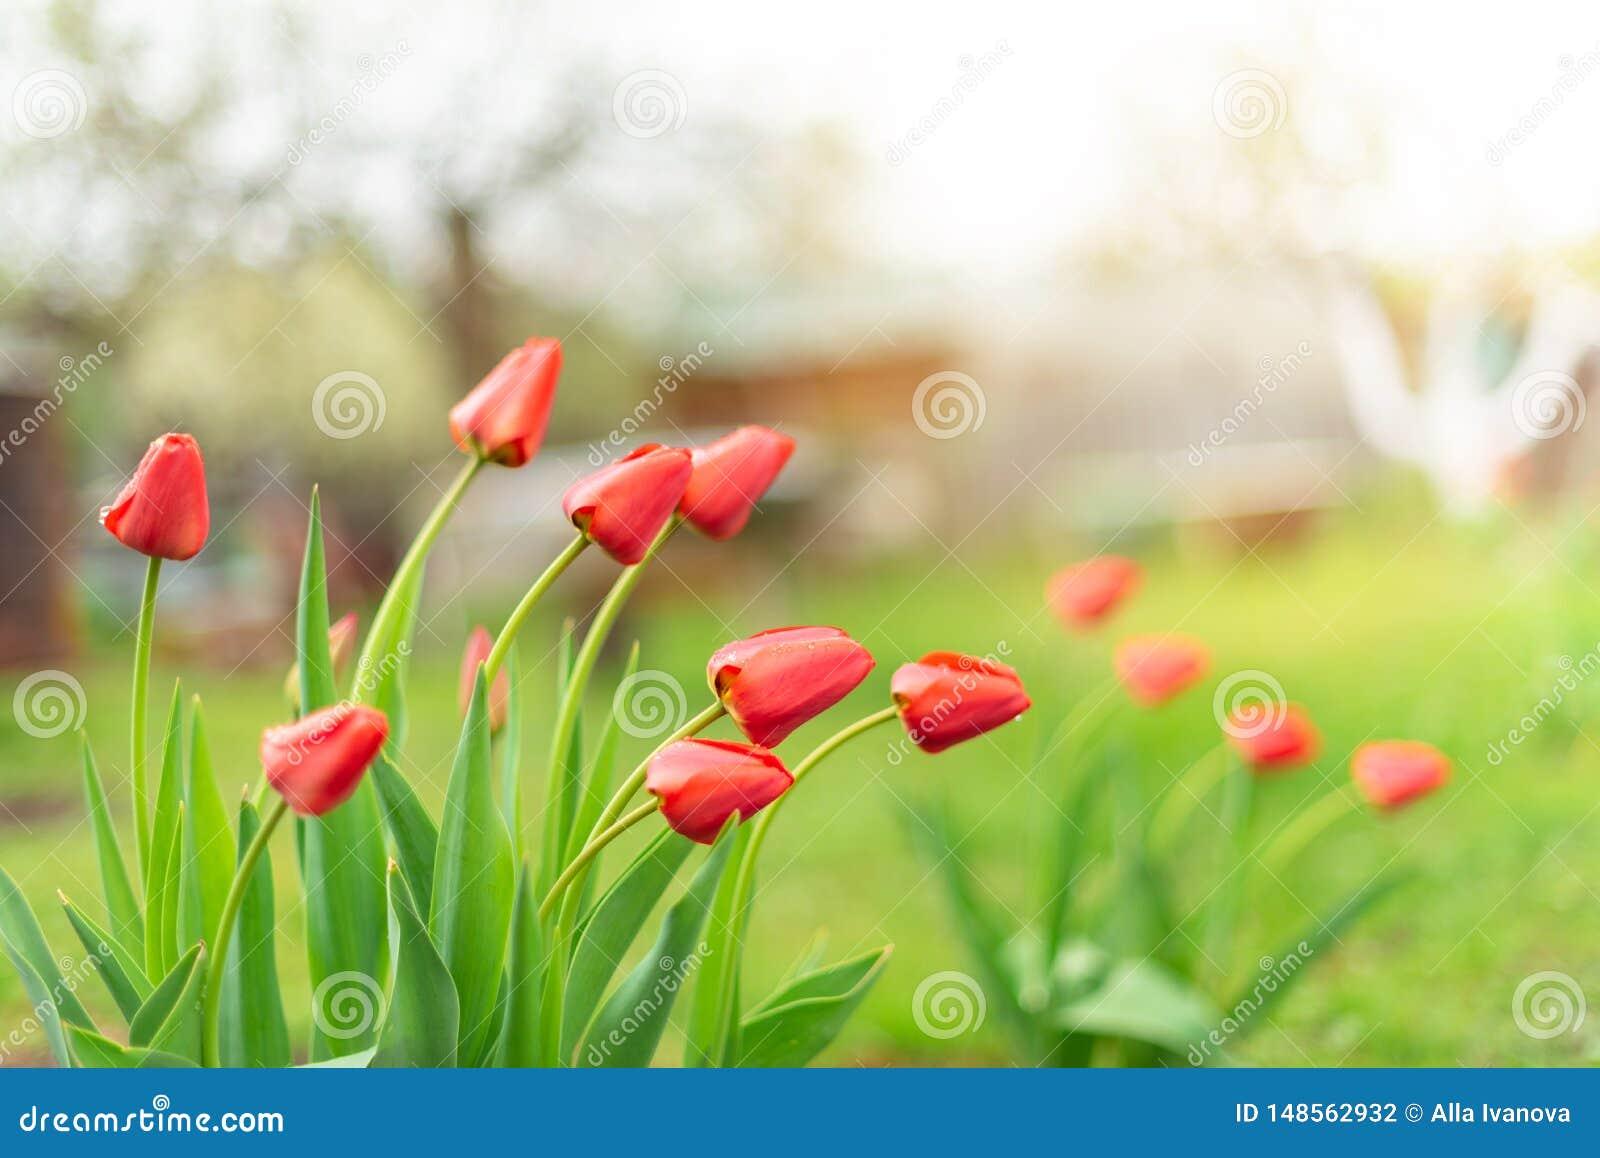 De knoppen van rode tulpen die in een tuin groeien, sluiten omhoog